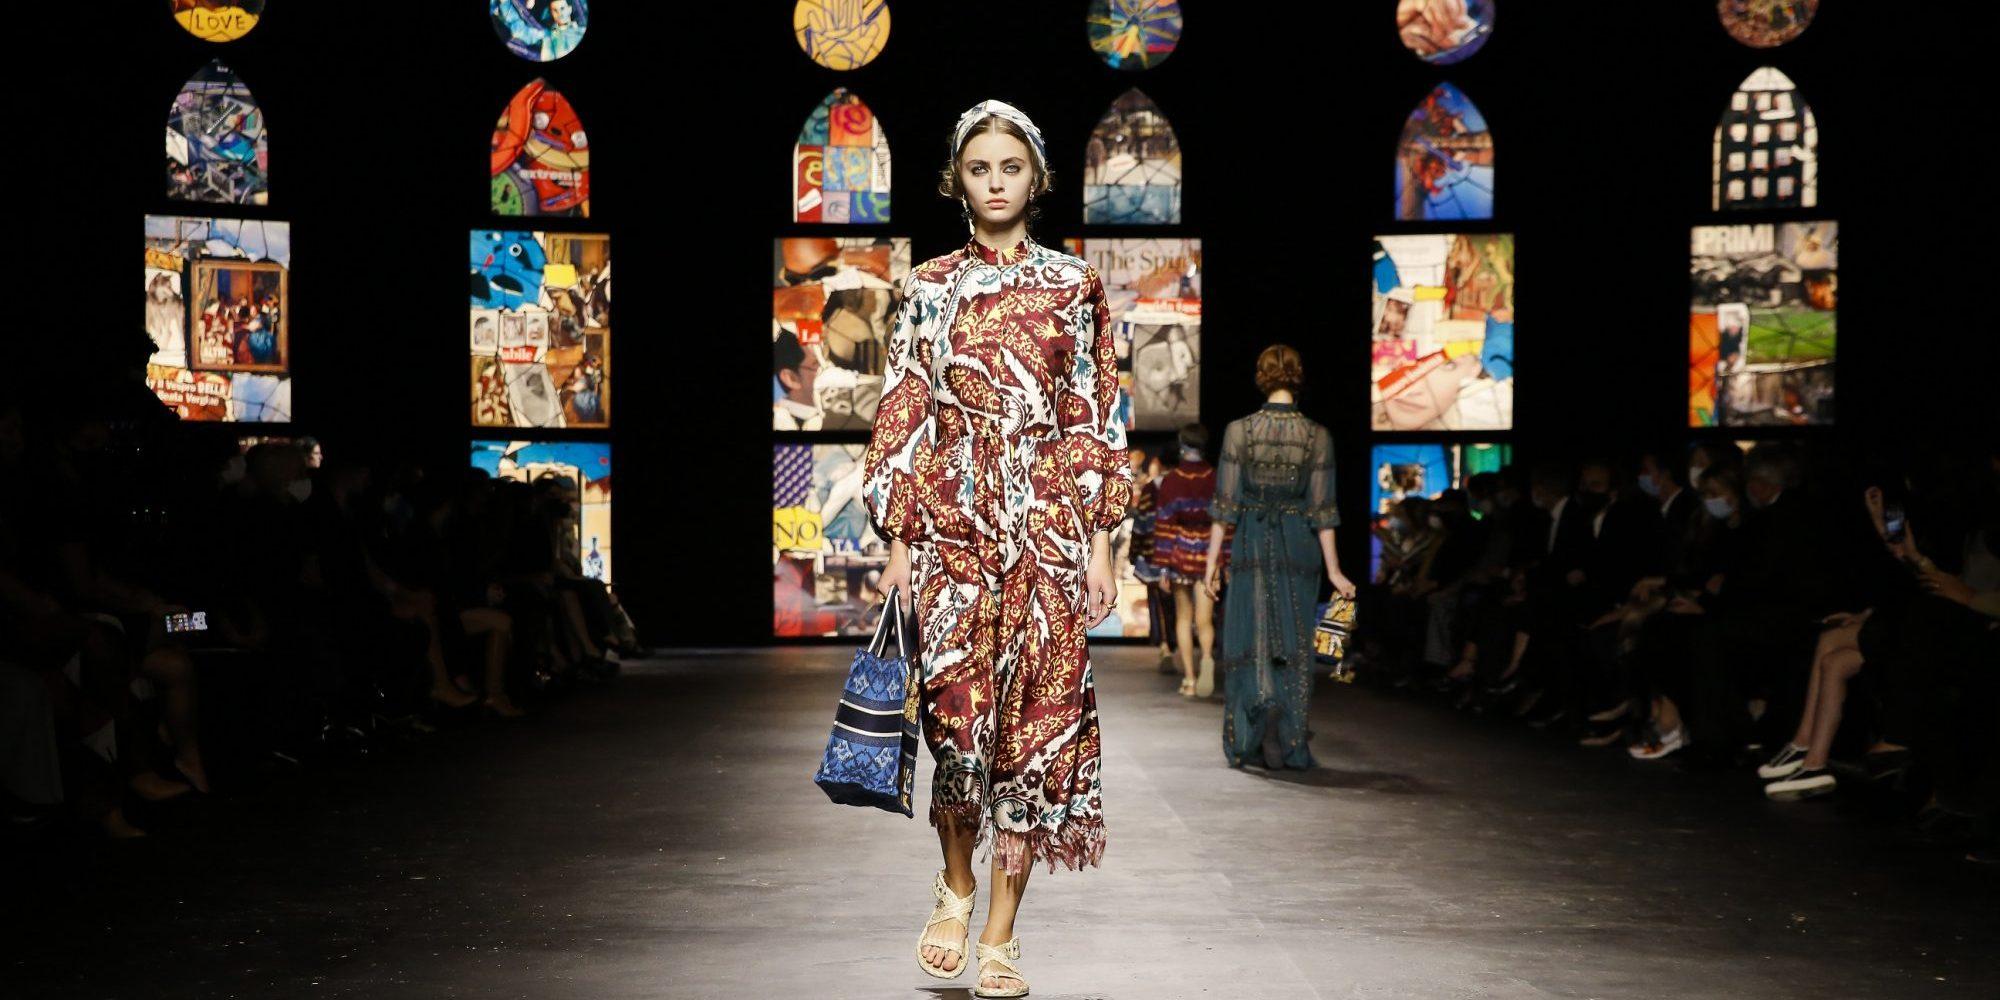 Η συλλογή του οίκου Dior στην Εβδομάδα Μόδας του Παρισιού